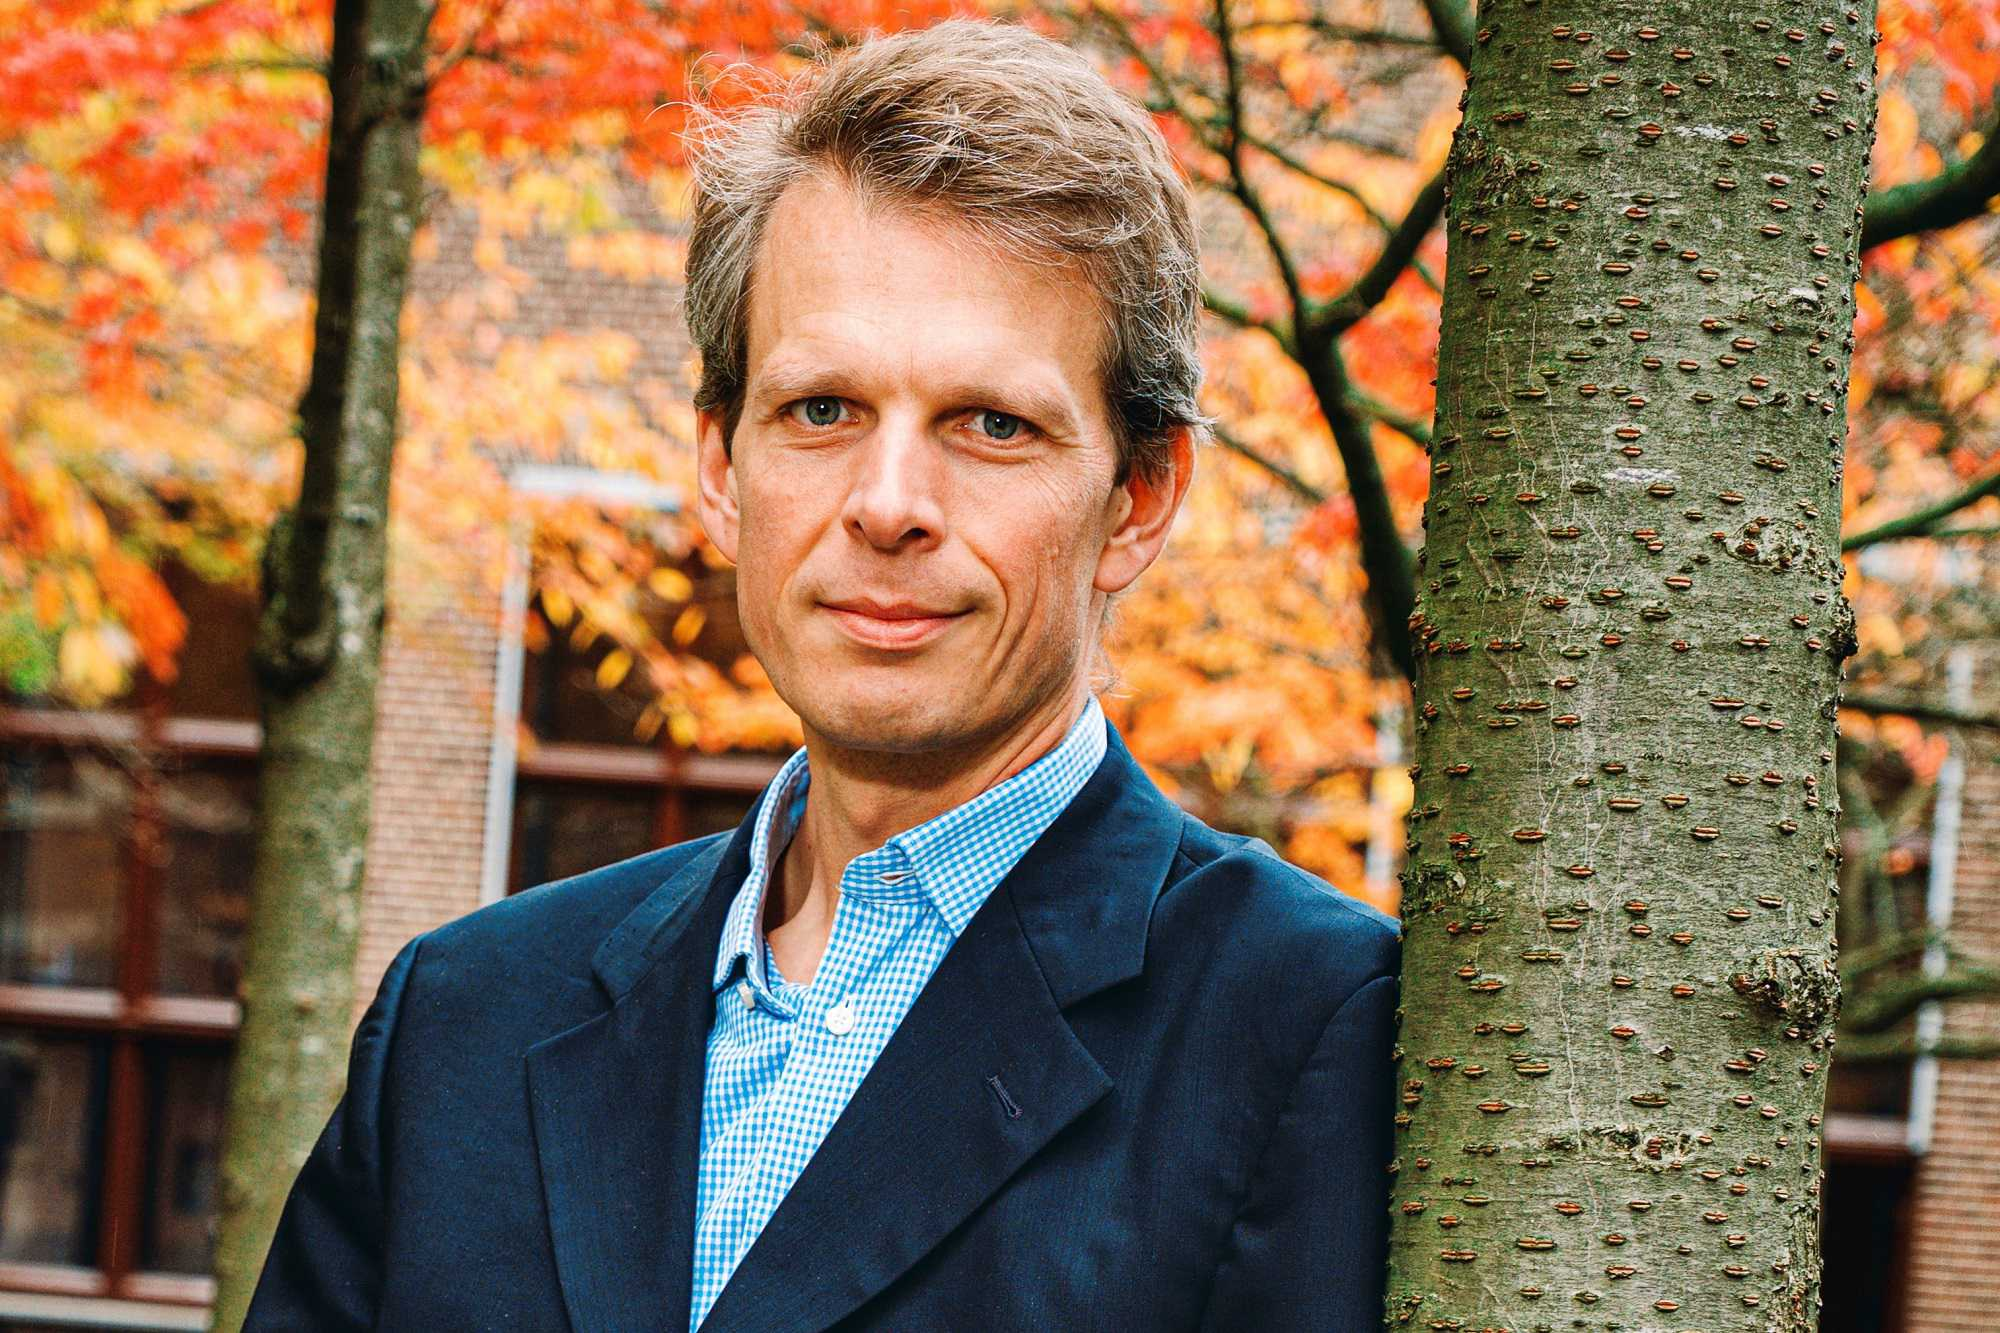 AC ART DEC 2020 Profiel foto Martin Junginger High Res